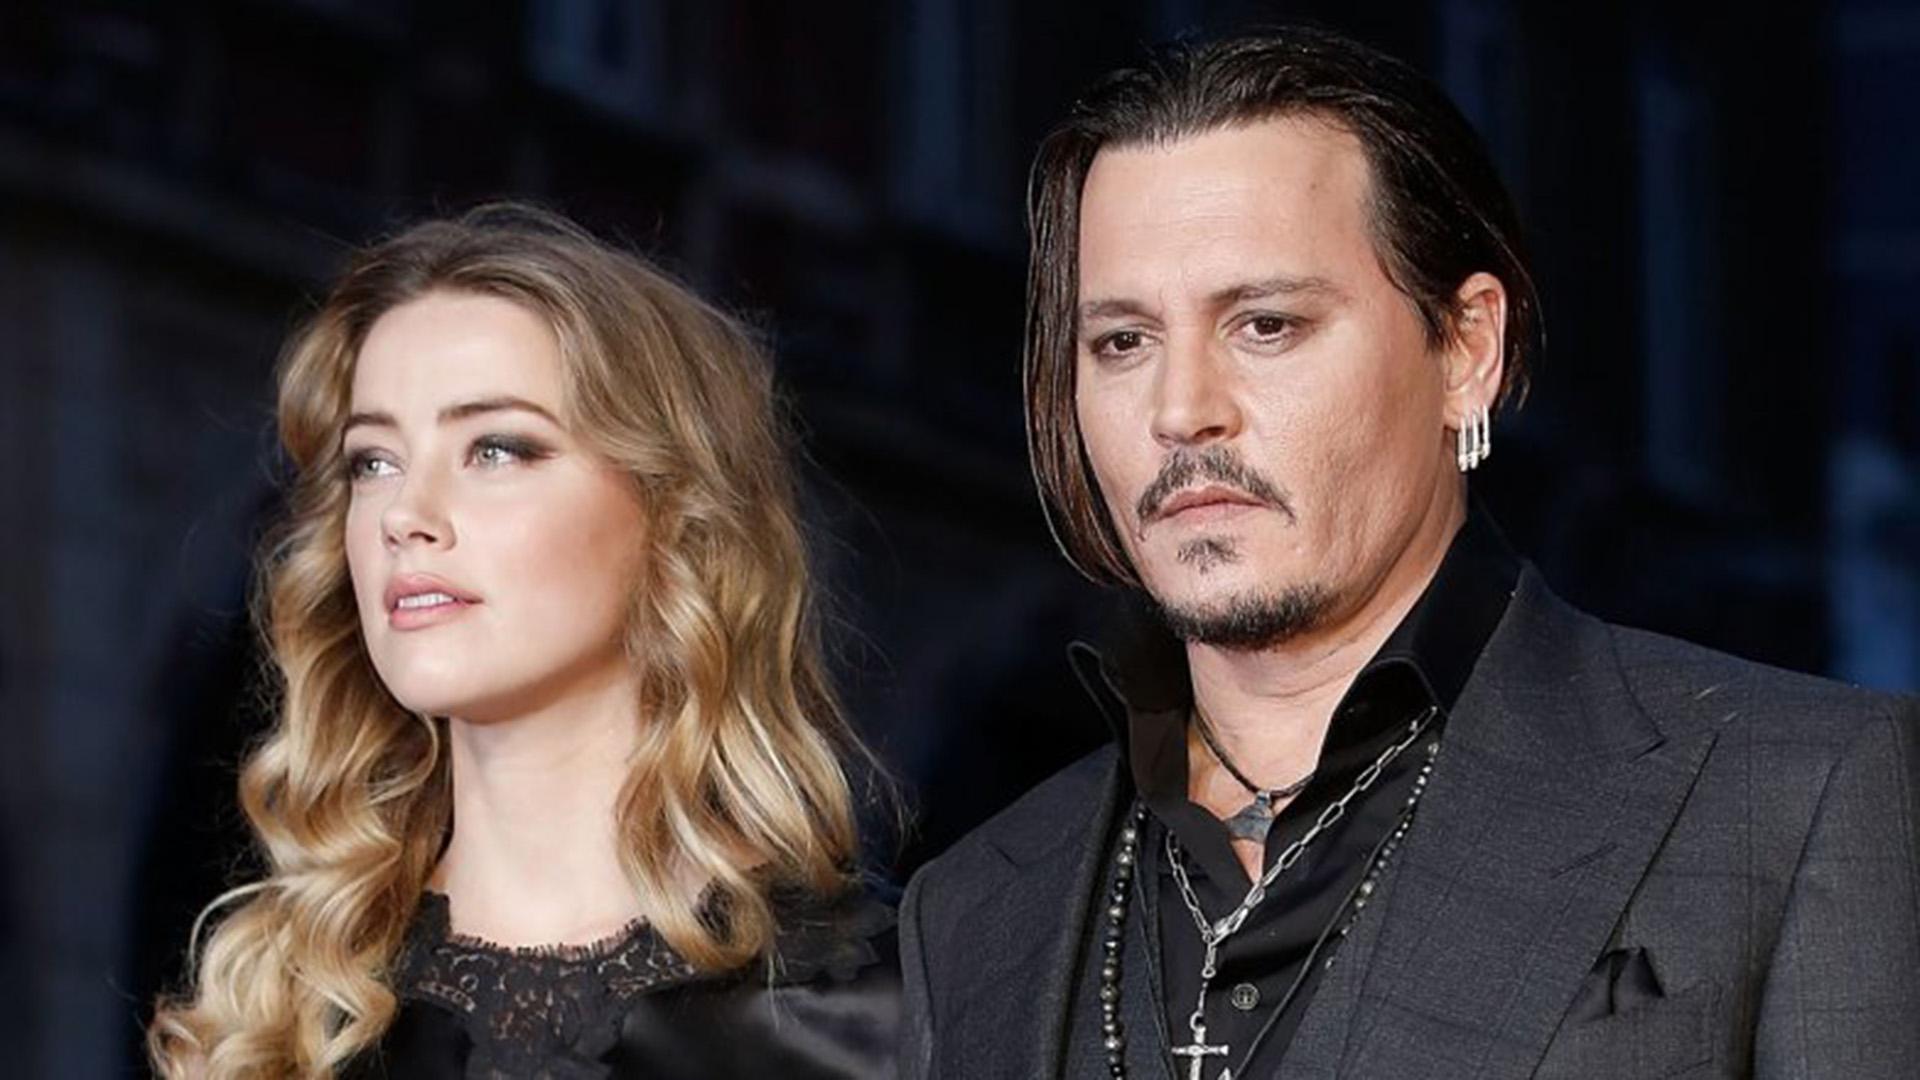 Amber Heard acusó a Johnny Depp de violencia doméstica (Foto: Archivo)